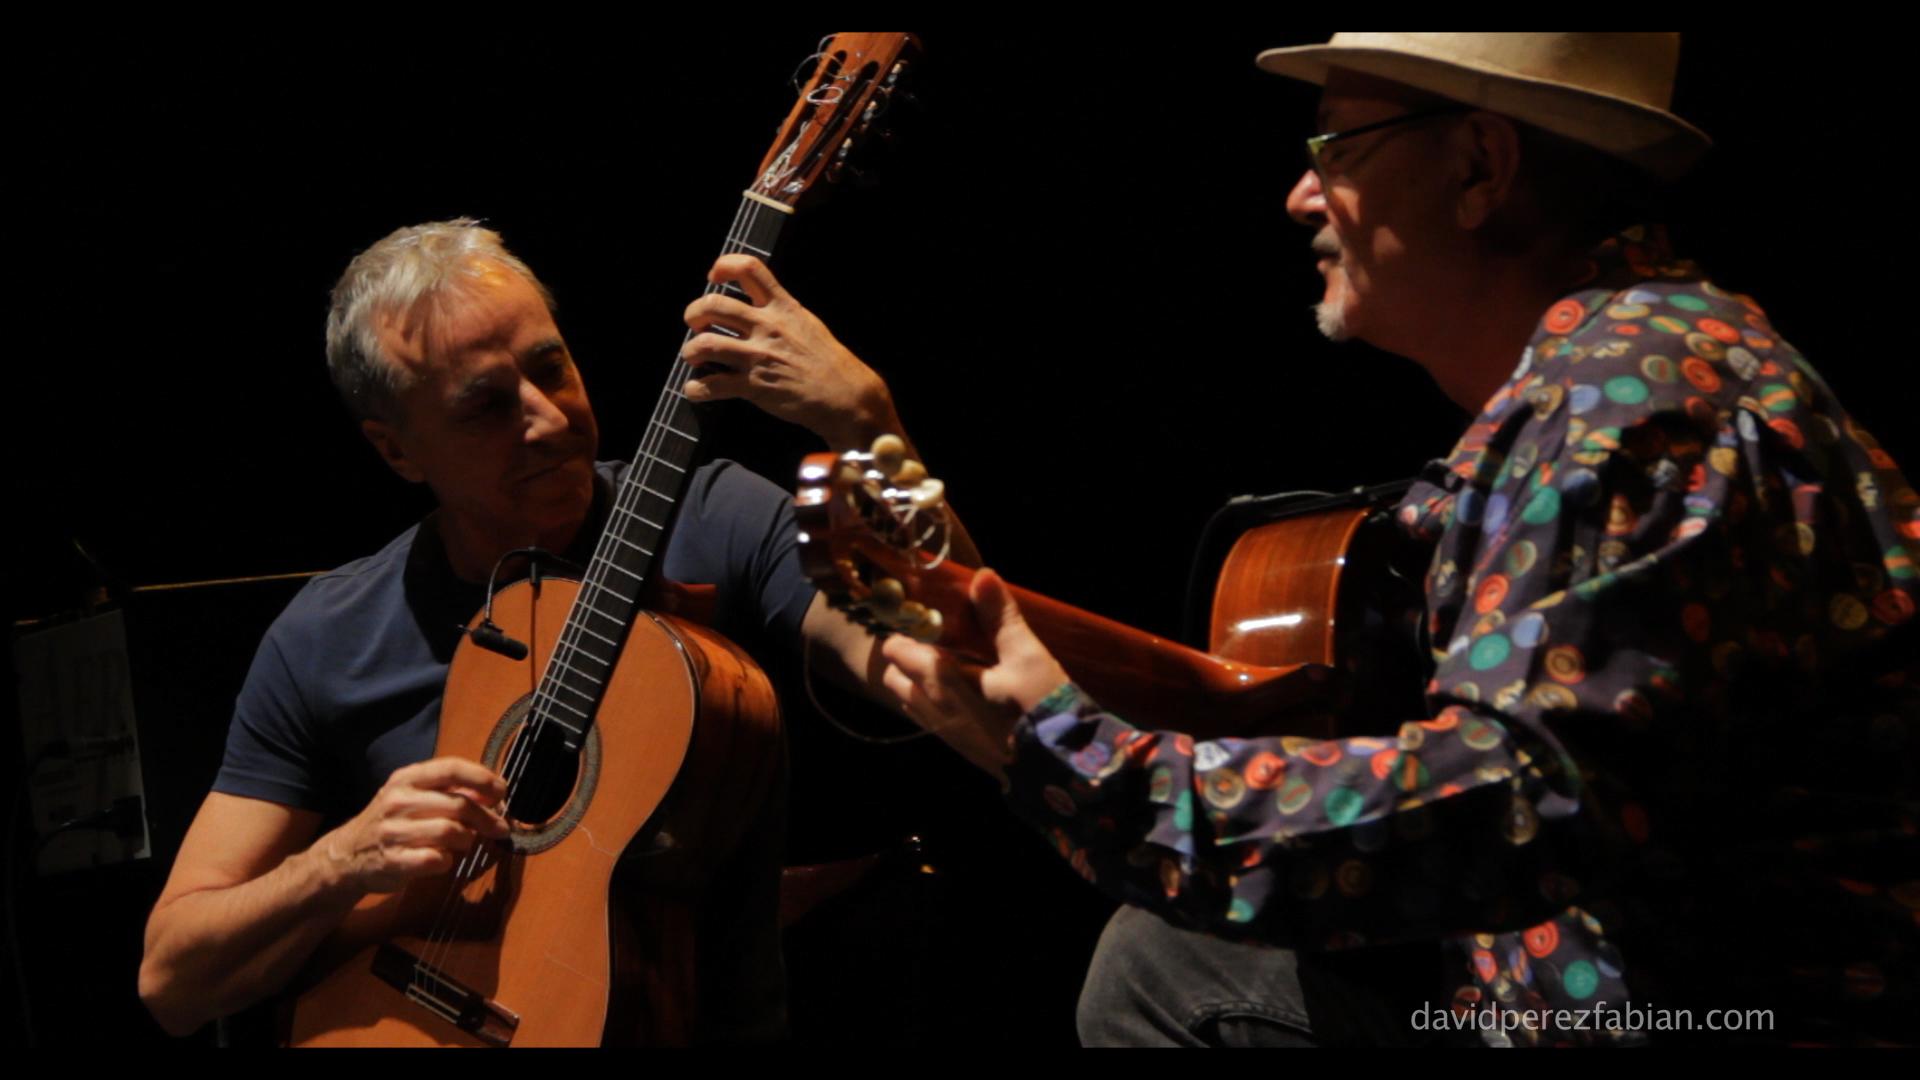 Los guitarristas Fernando Egozcue y José Luis Montón